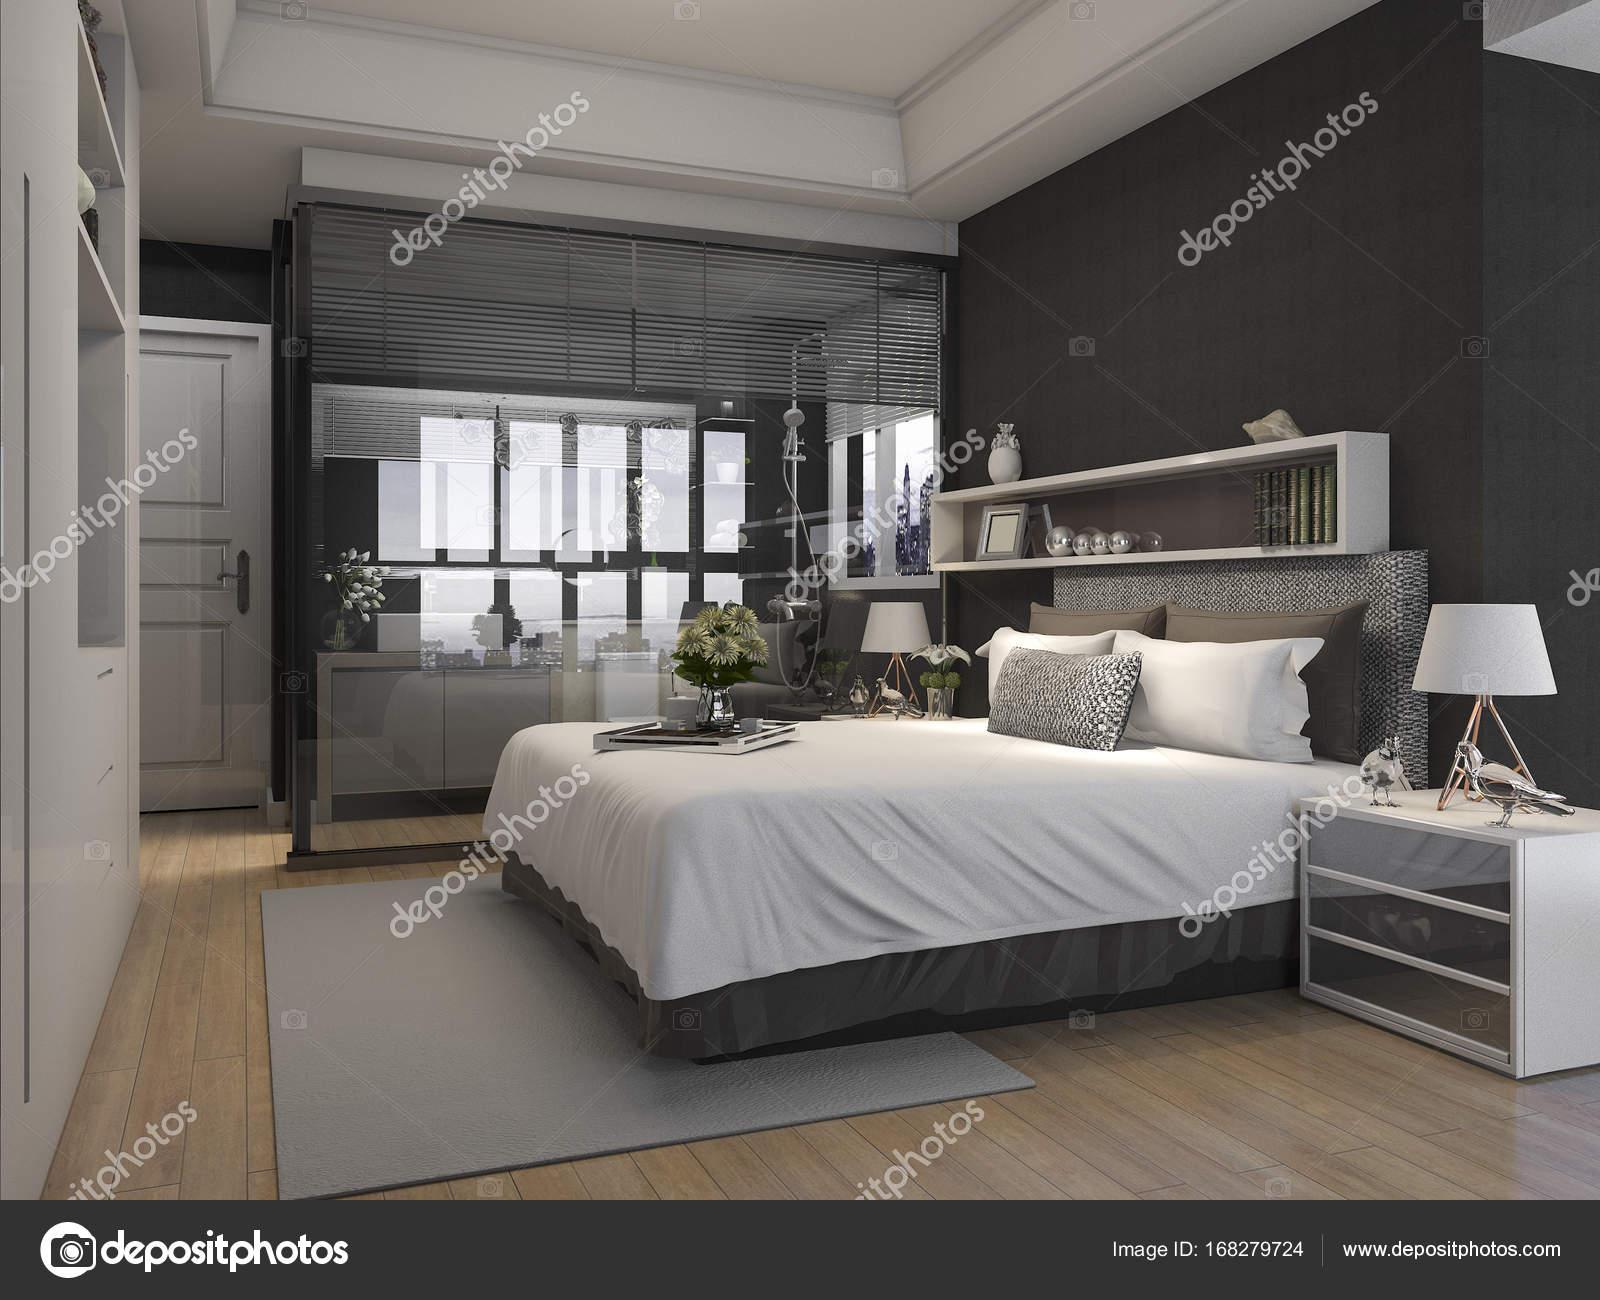 Bagno In Camera Con Vetrata : 3d rendering lusso suite camera da letto hotel vicino vetro bagno